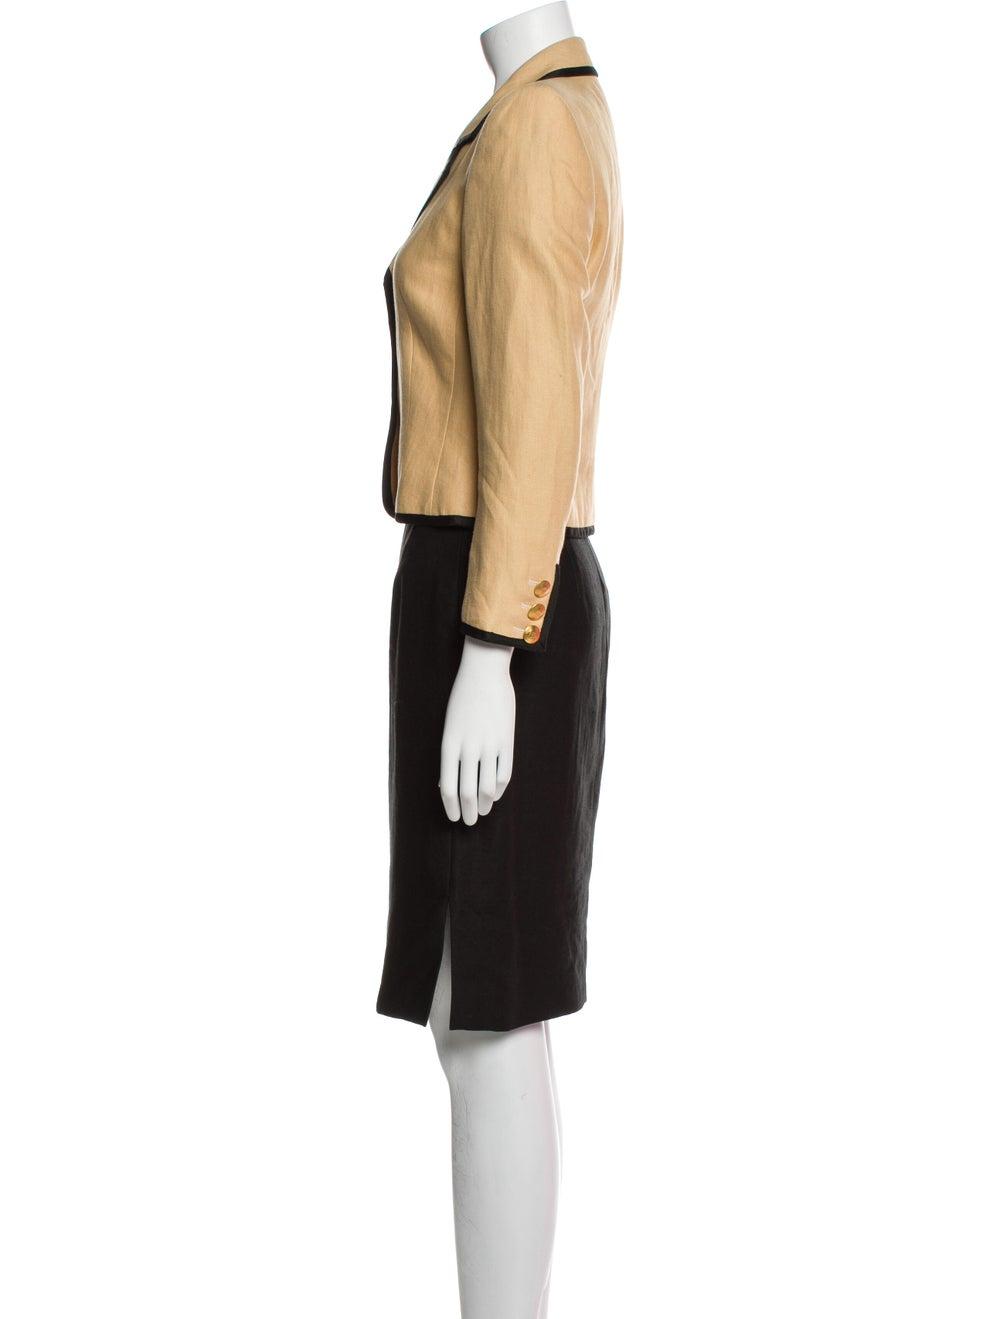 Rena Lange Vintage Linen Skirt Suit - image 2